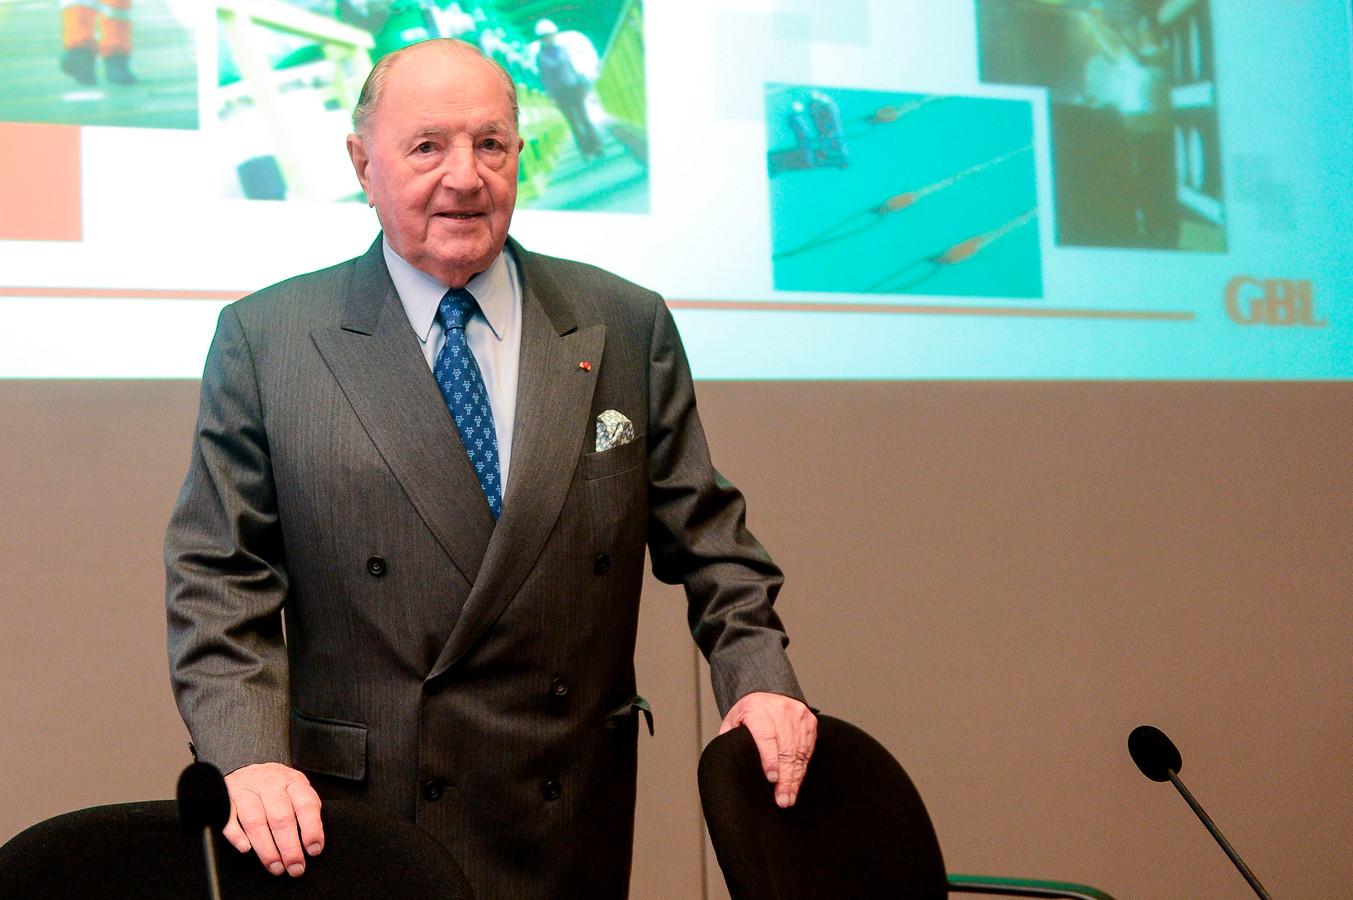 Albert Frère geldt als de belangrijkste industrieel in het naoorlogse België. De selfmade man schopte het van ijzerhandelaar tot baron en meest vermogende Belg.